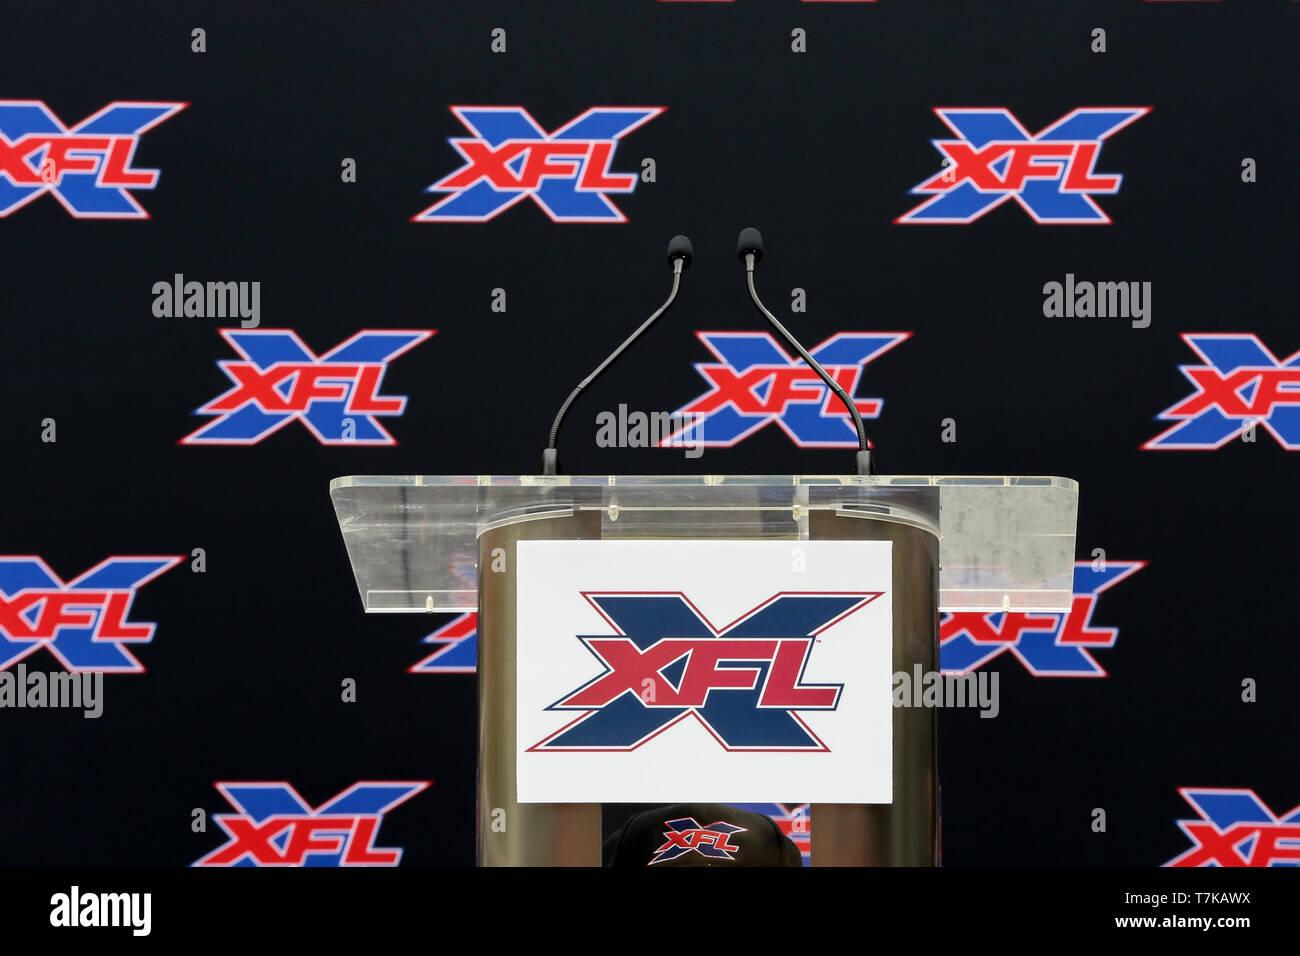 Configuración para la conferencia de prensa de nombres XFL Winston Moss Head Coach de Los Ángeles el 7 de mayo de 2019 (Foto por Jevone Moore) Foto de stock